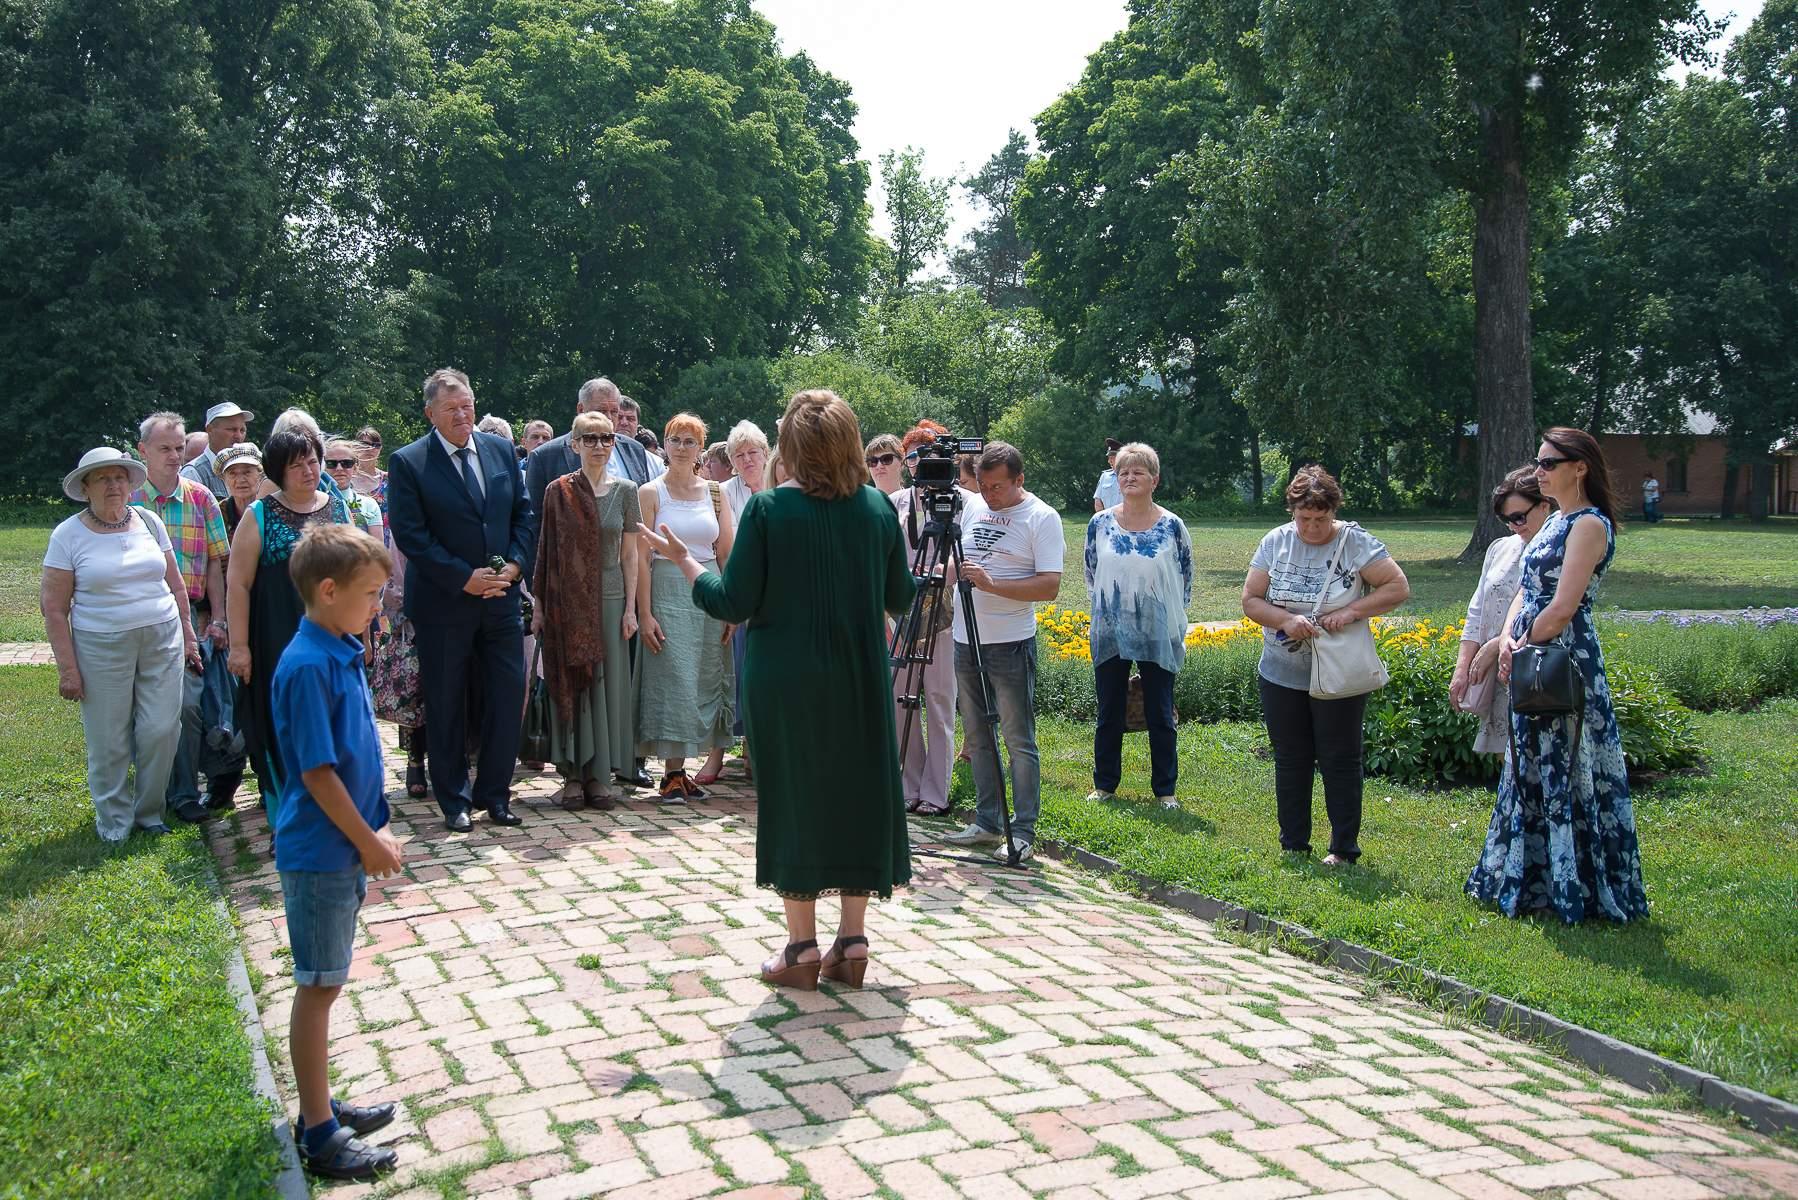 Митинг у памятника поэта. День памяти М.Ю. Лермонтова 27 июля 2019 года в музее «Тарханы»